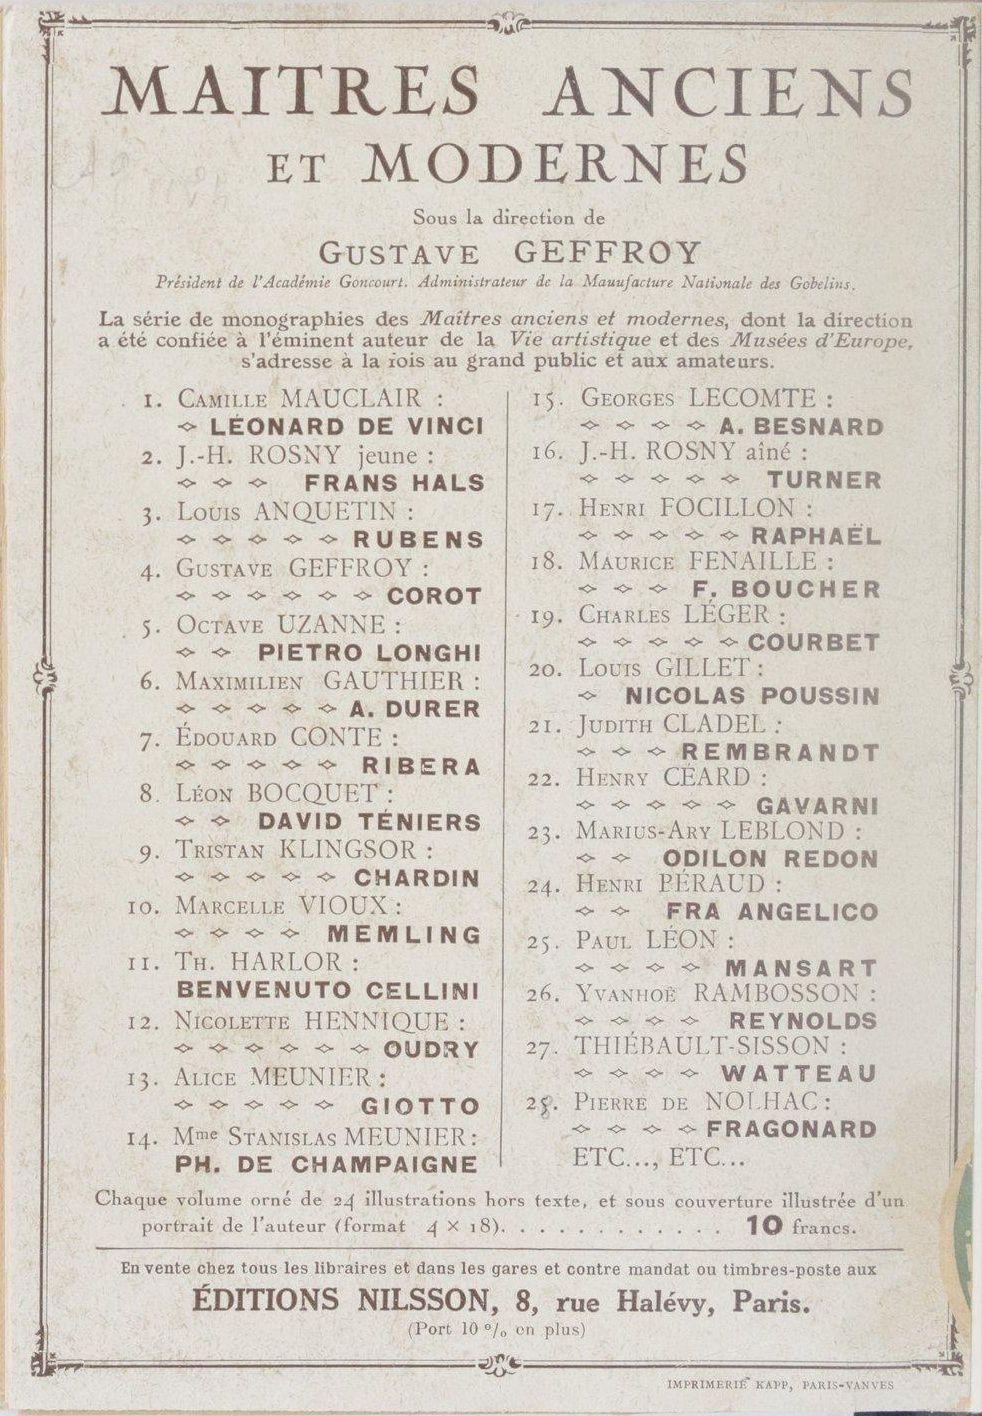 Catalogue de la collection Maîtres anciens et modernes (Nilsson)